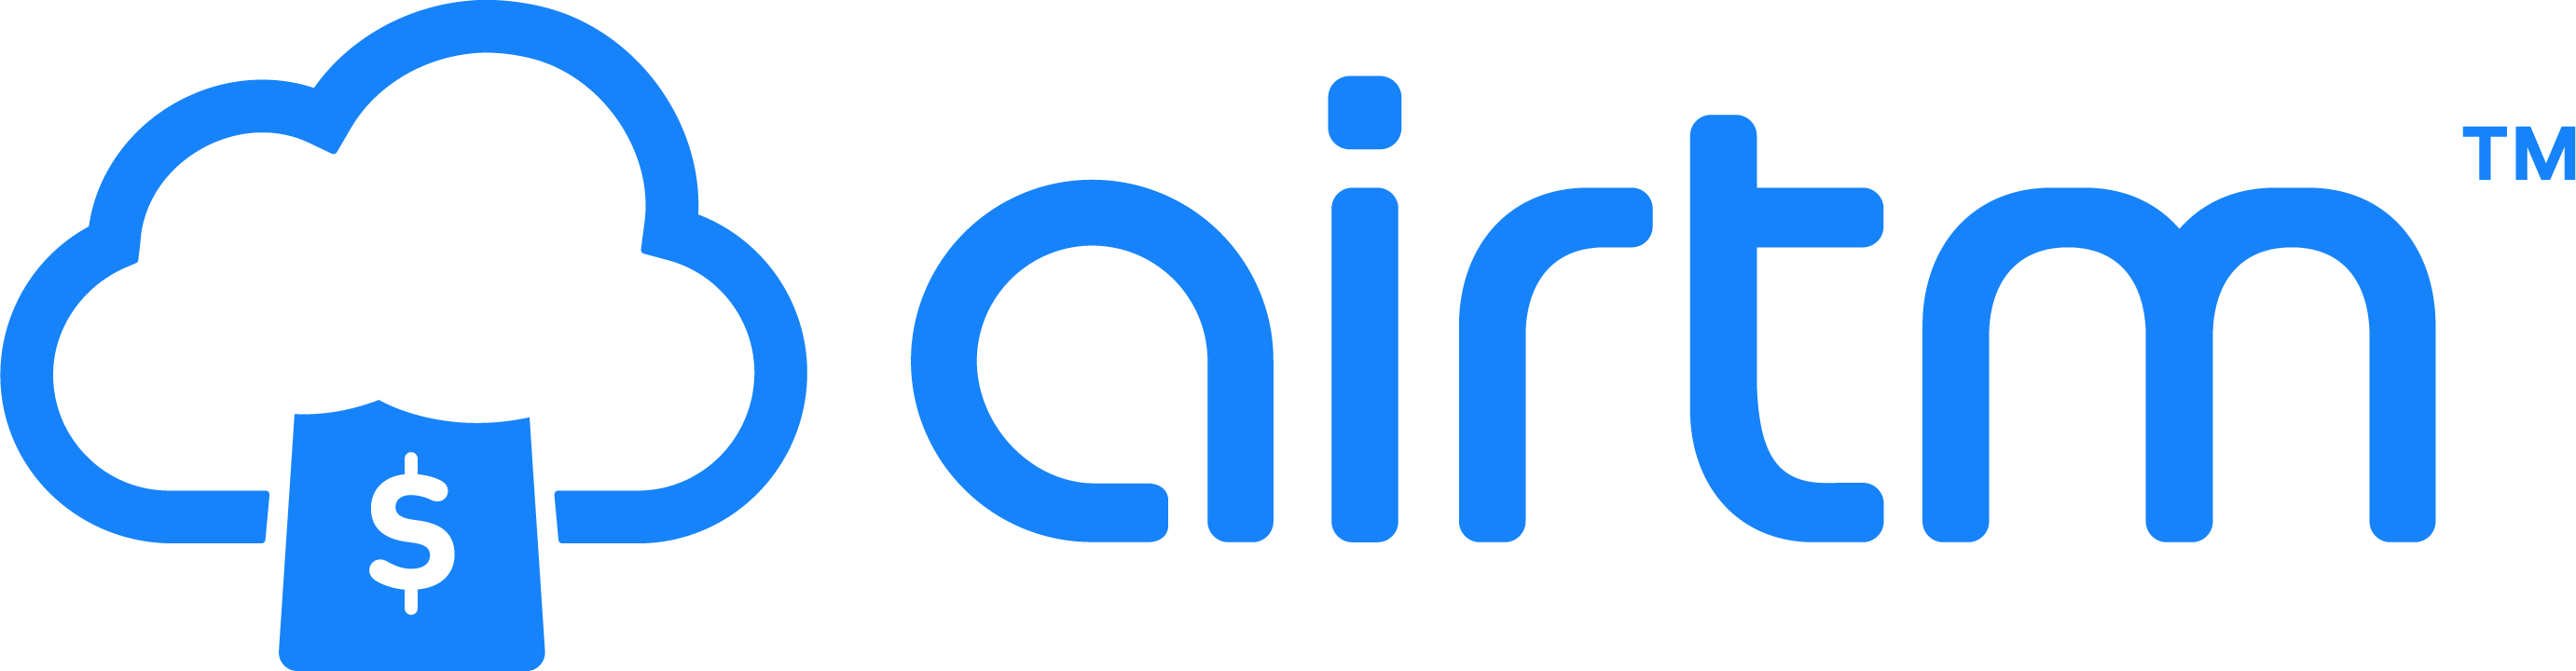 Airtm:ロゴ